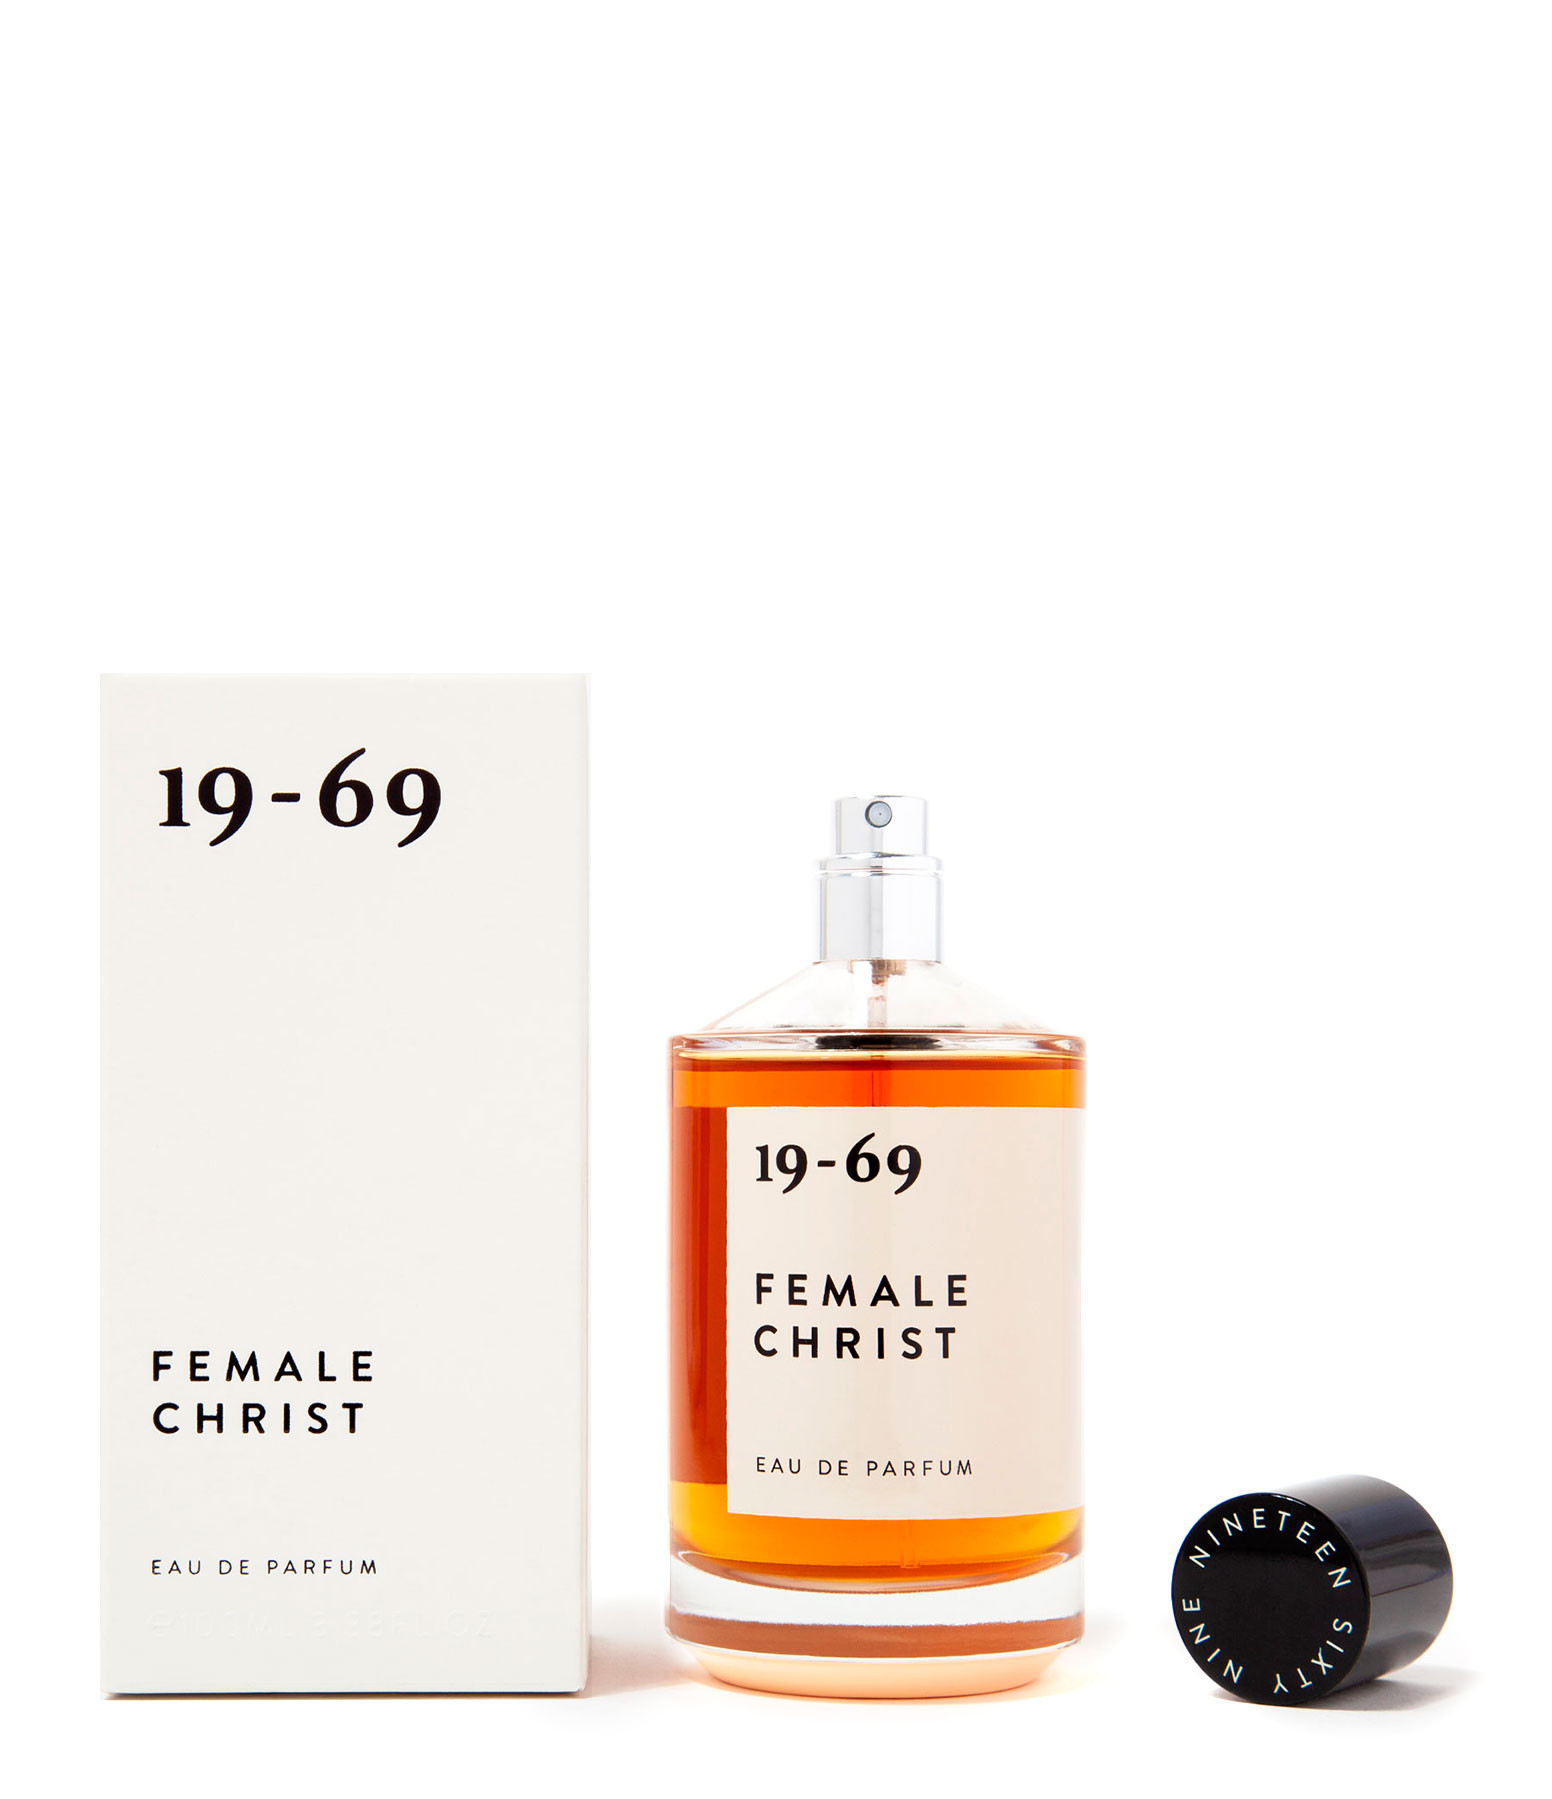 19-69 - Eau de Parfum Female Christ 100 ml